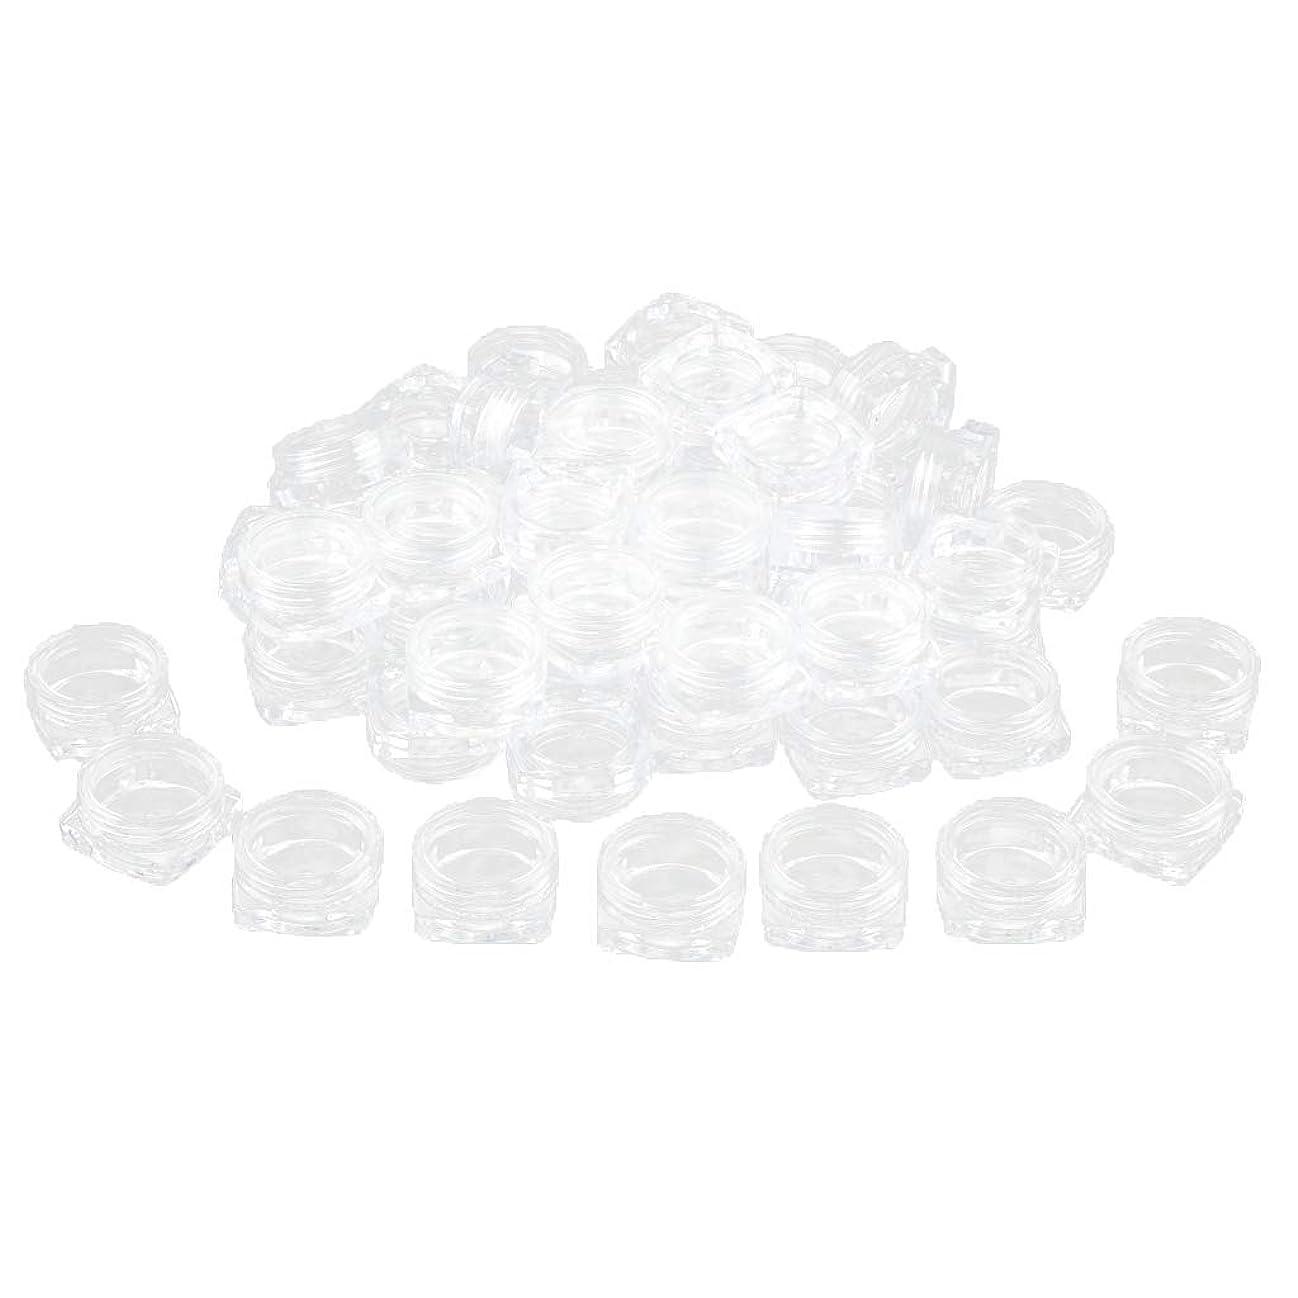 素朴な喜ぶ前にPerfeclan 約50個 化粧品ジャー 蓋付き 化粧ポット ローションジャー クリーム容器 サンプルボトル - 3g